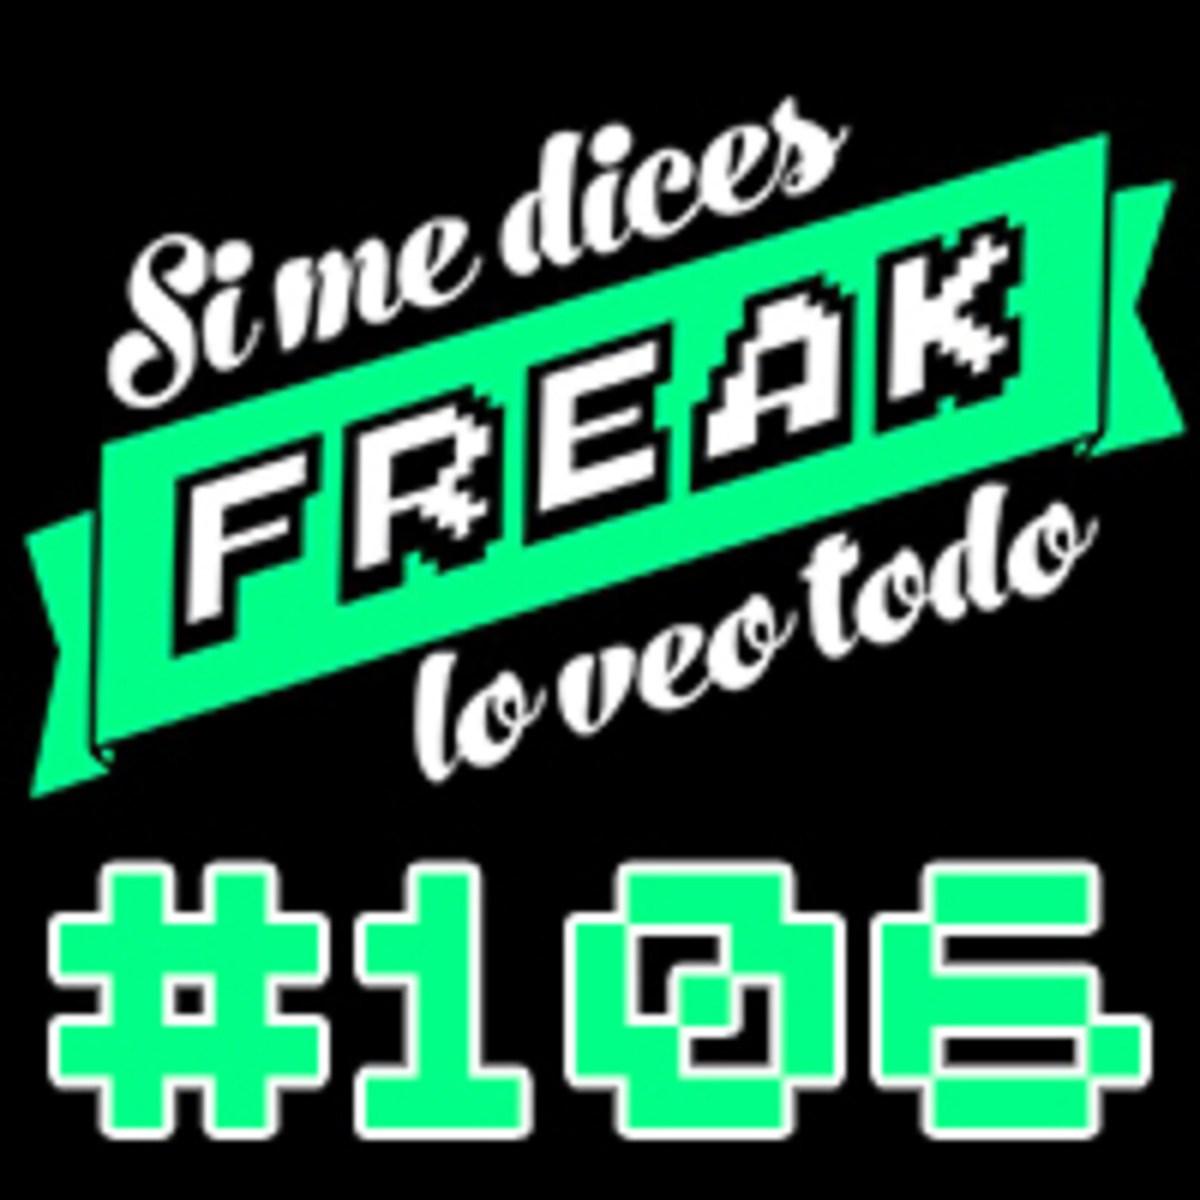 Si me dices freak, lo veo todo 106: de noticias y recomendaciones os hartaréis